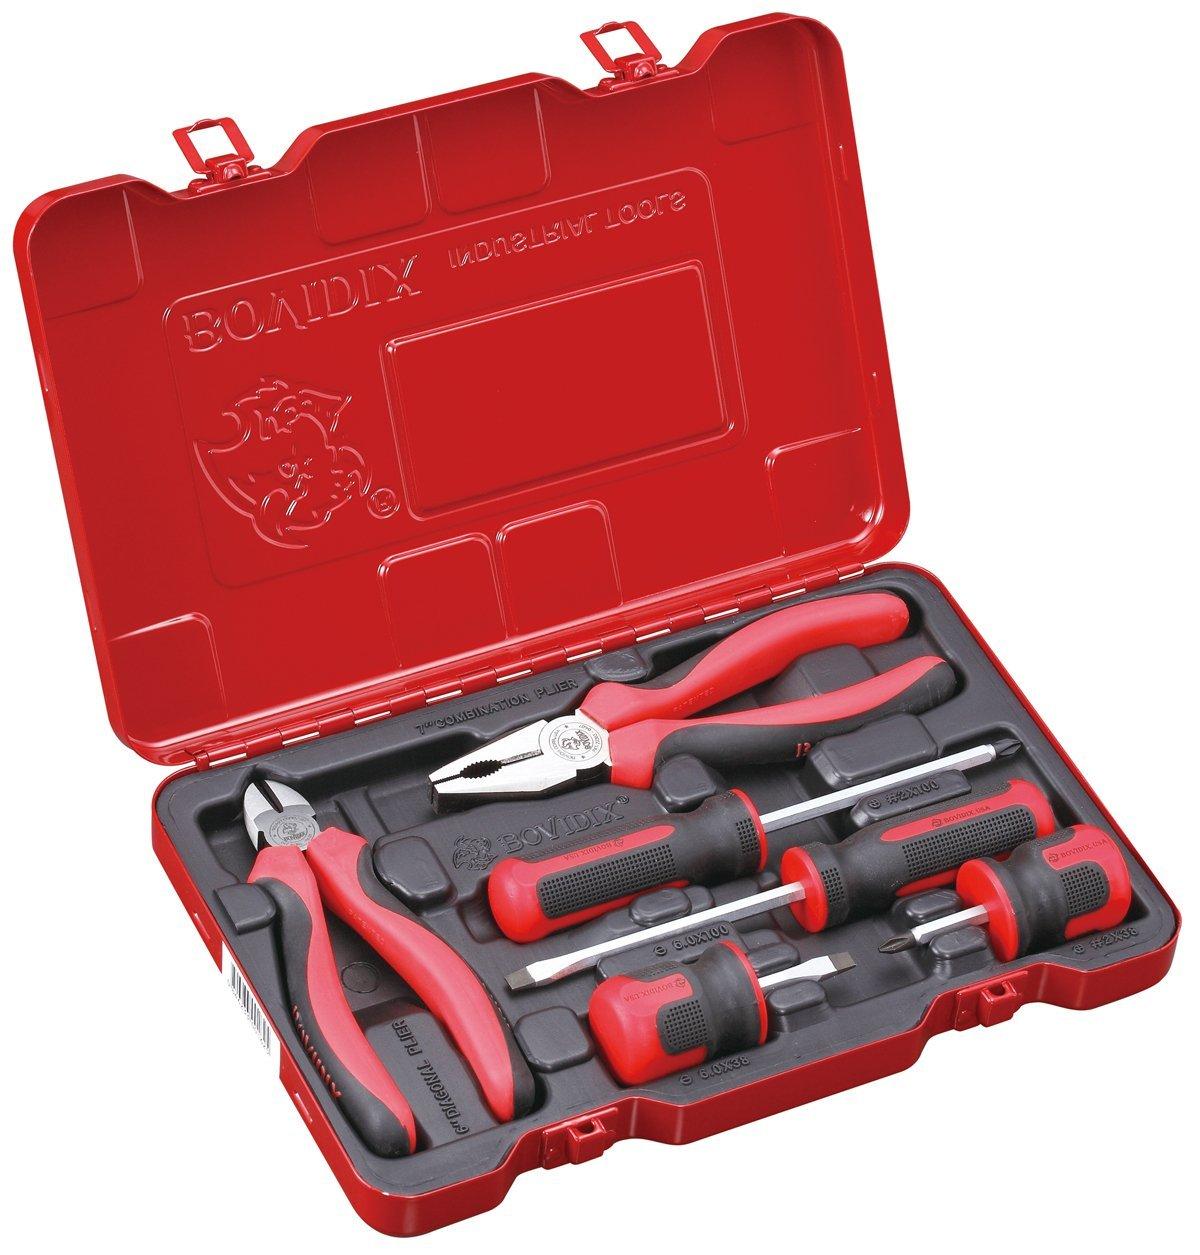 Универсальный набор инструментов Bovidix 288400604